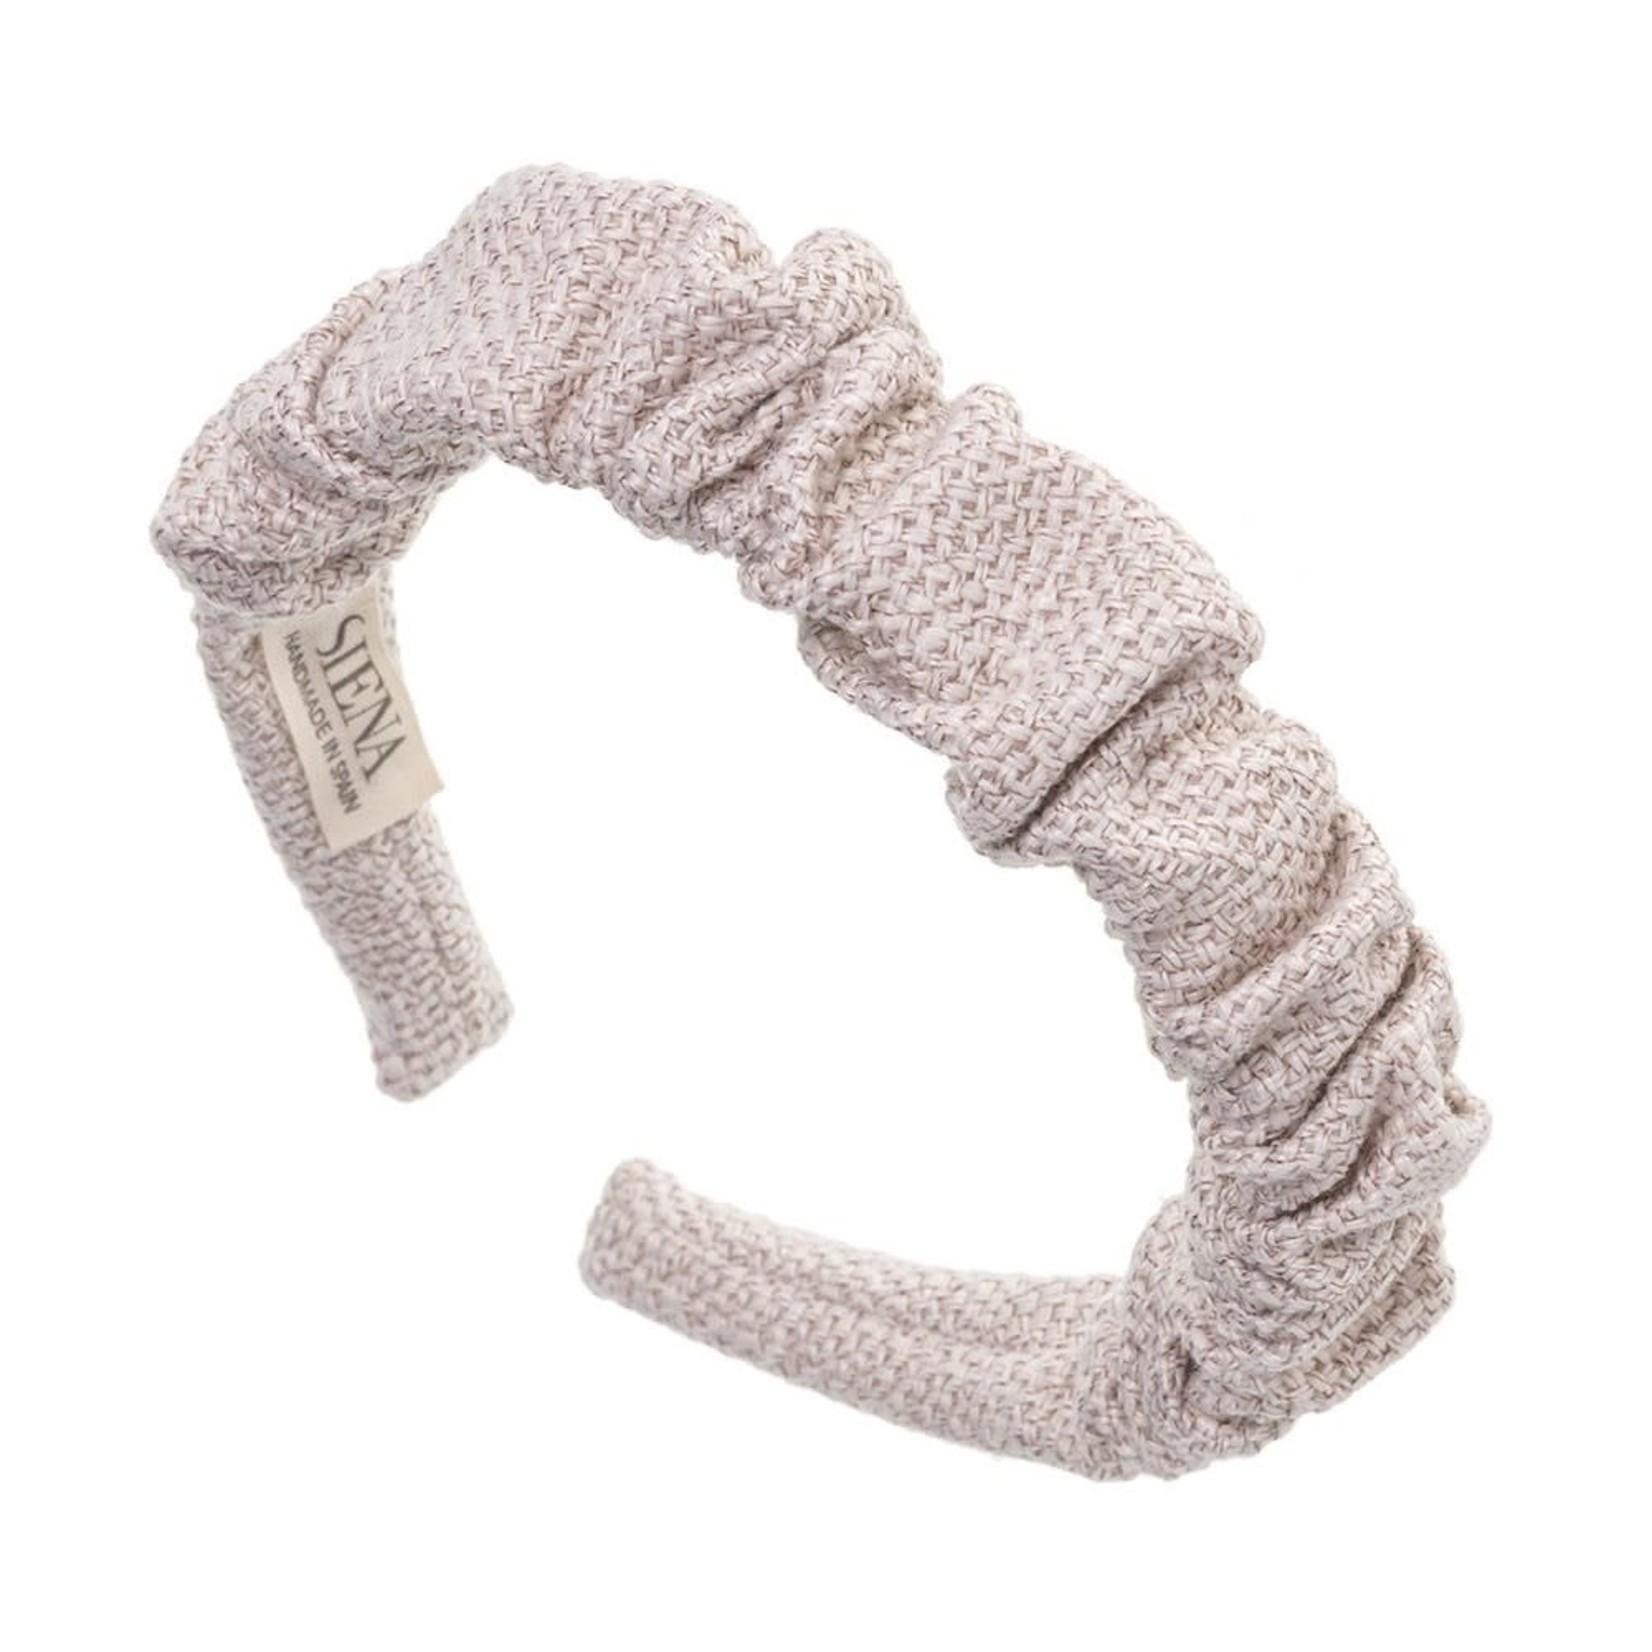 Hairband Scrunchie - Light Beige